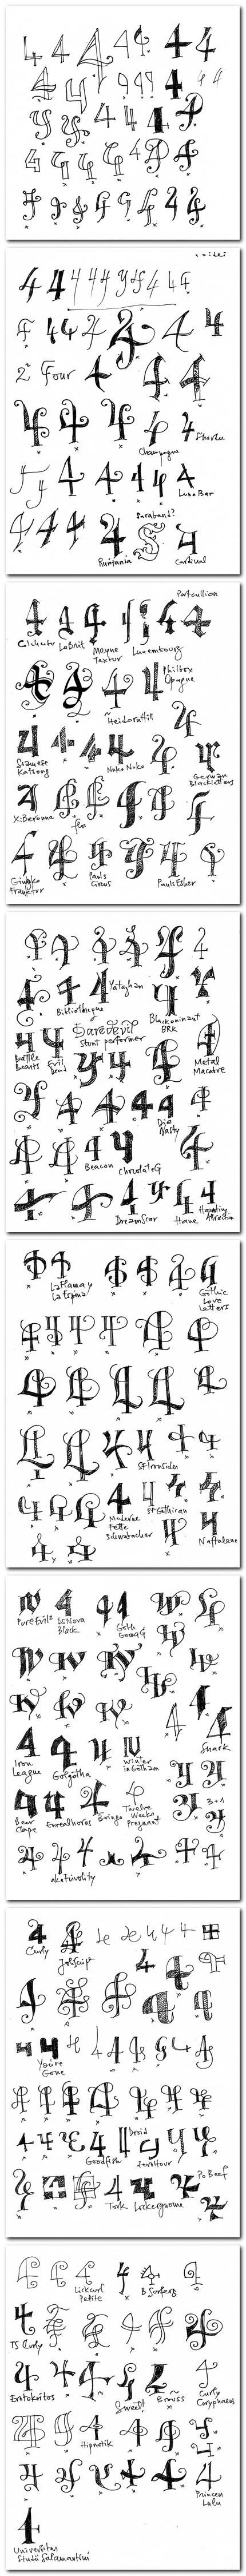 Florinf - Schiţe documentare şi idei pentru numărul 4.